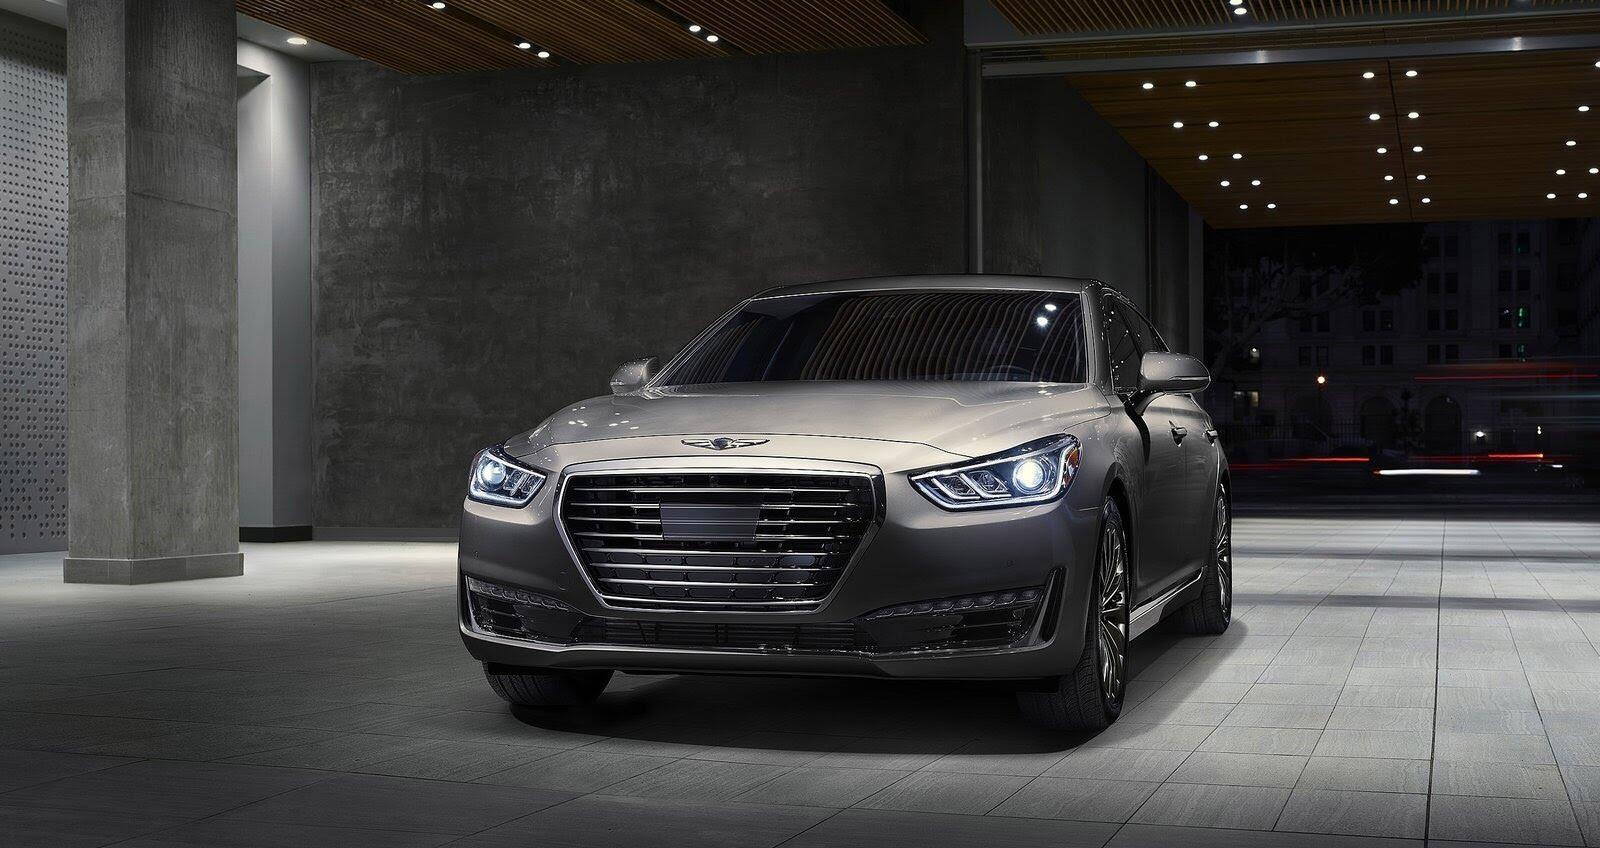 Genesis G90 – Mẫu xe làm hài lòng khách hàng nhất - Hình 1